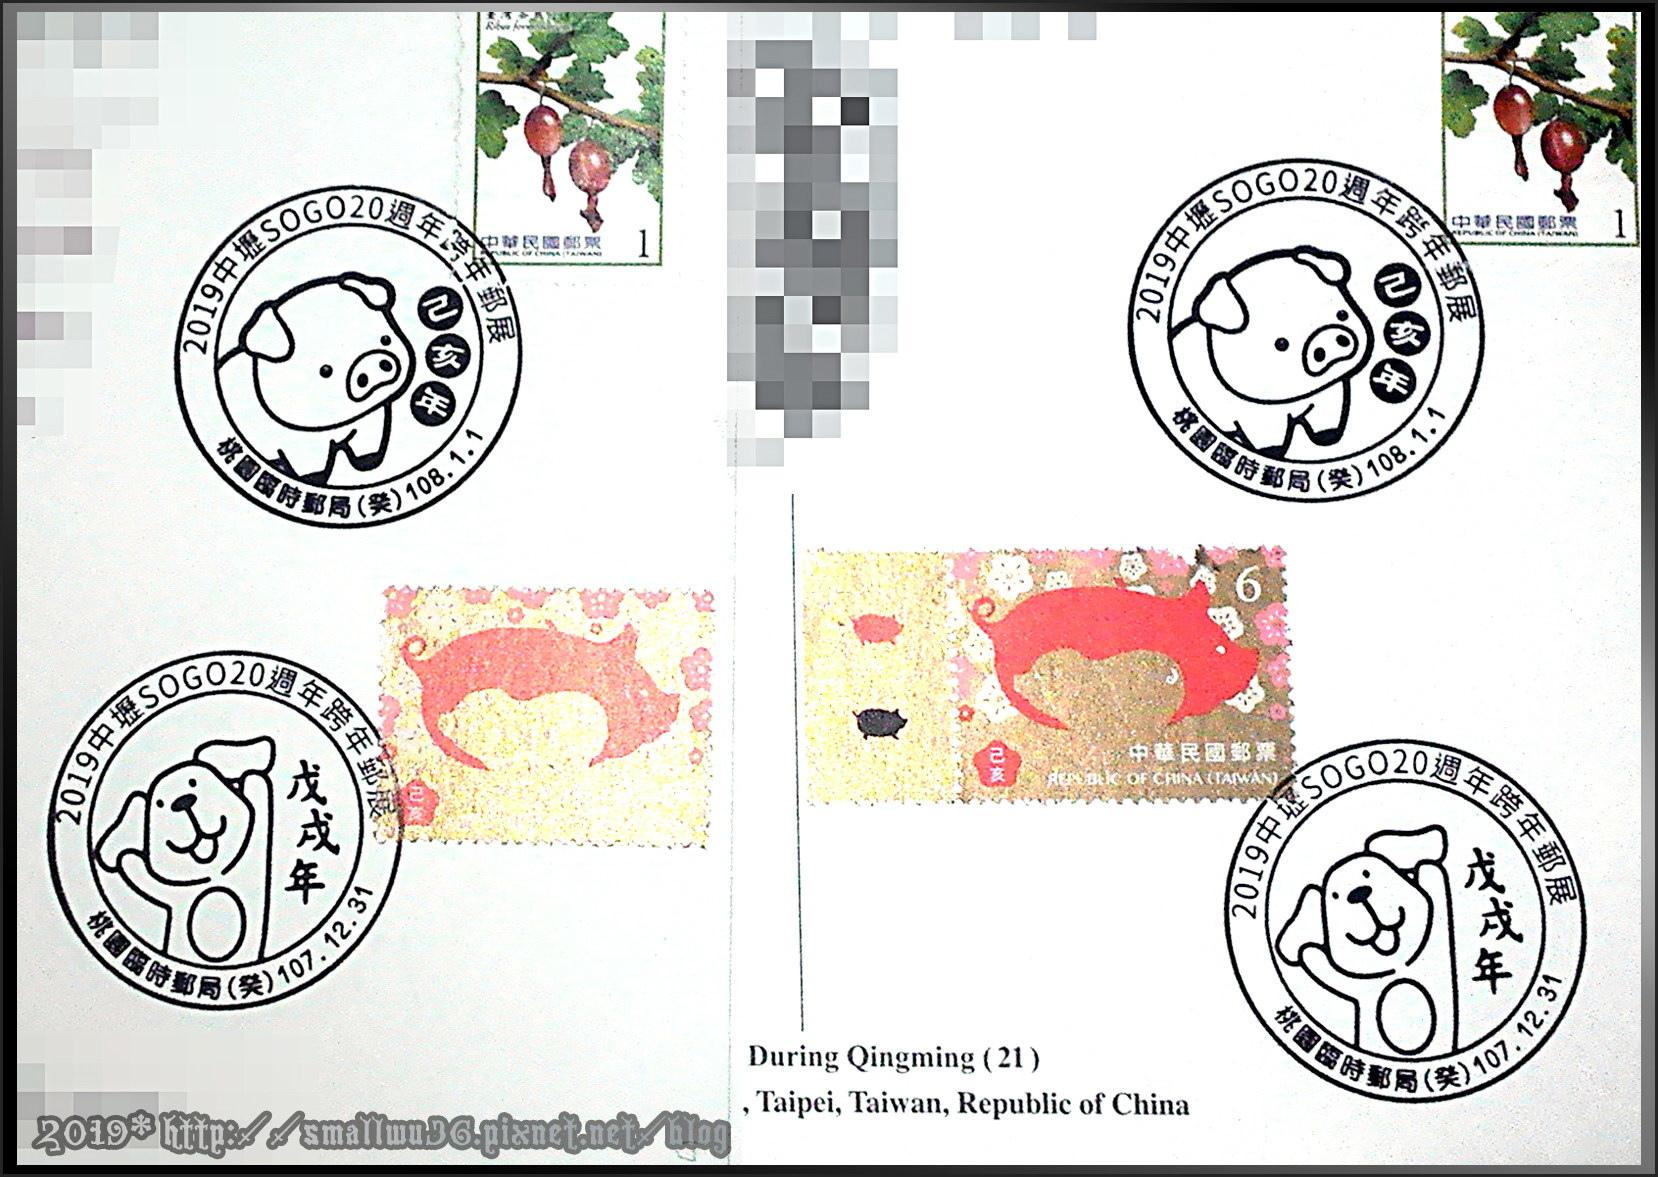 中壢郵局 跨年紀念郵戳:狗年/豬年.jpg